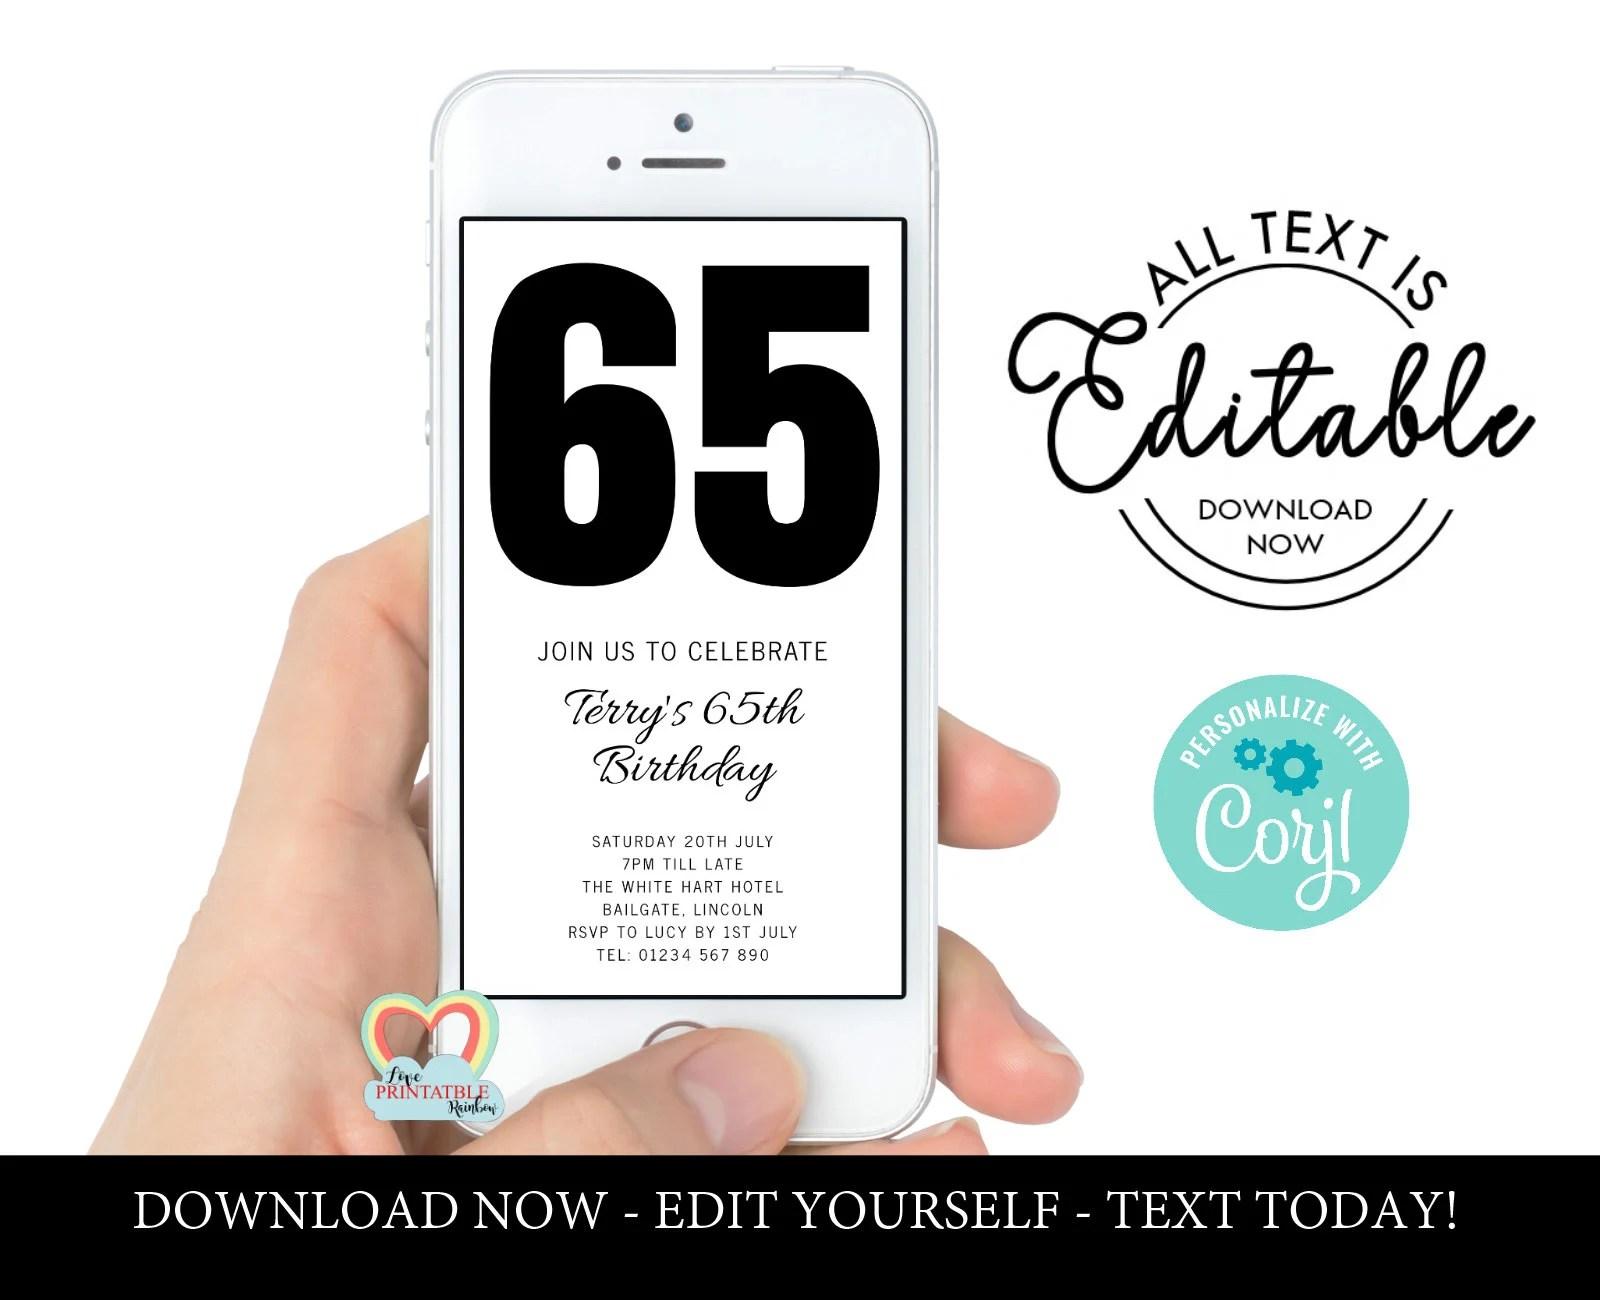 65th birthday invite etsy